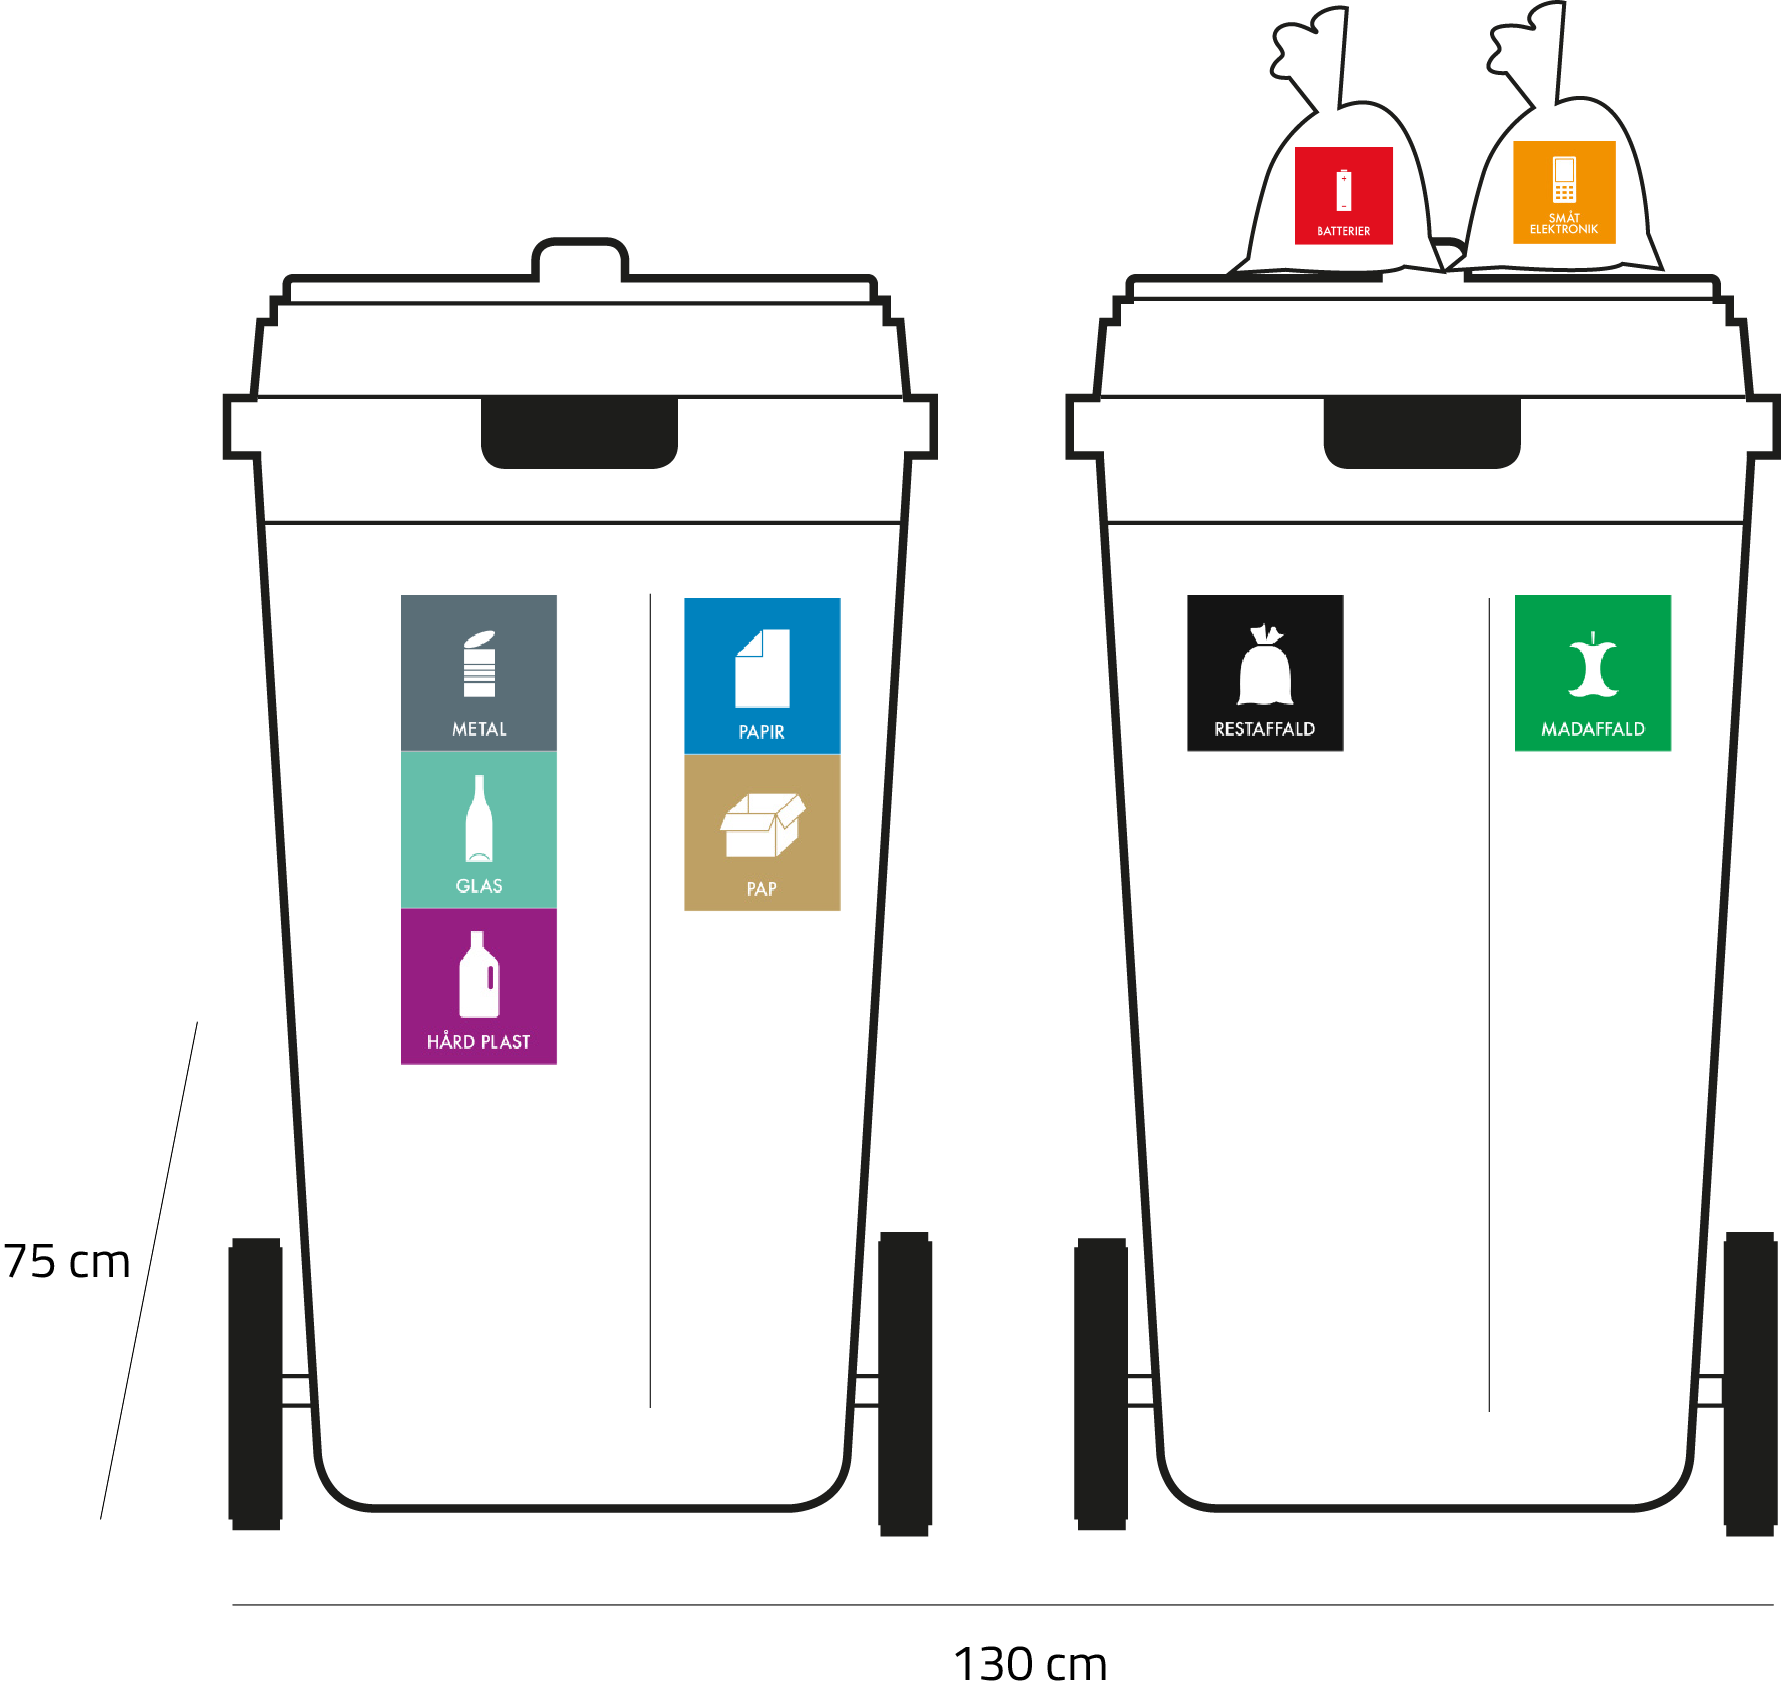 De nye affaldsspande med mål